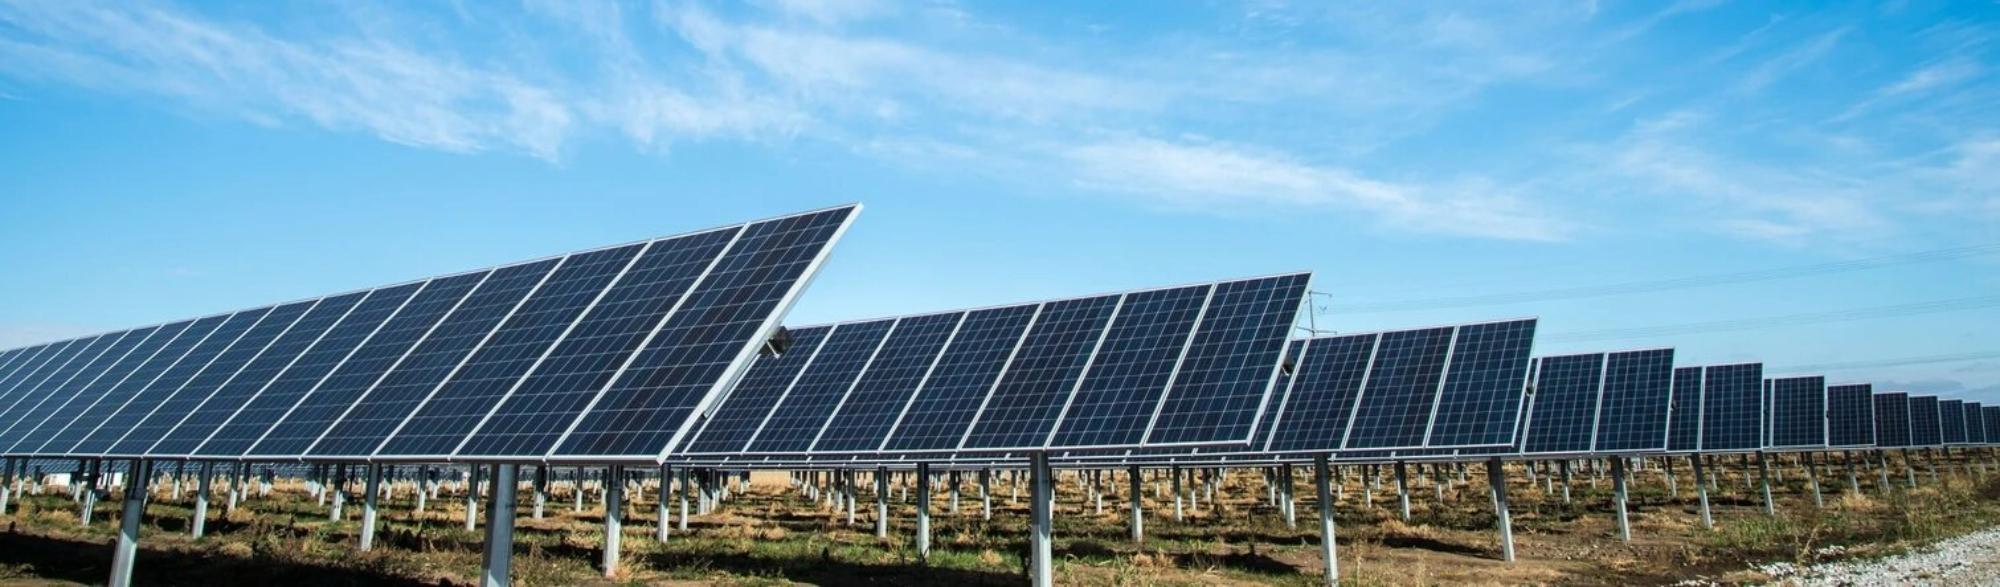 Jap Solar (@japsolar) Cover Image